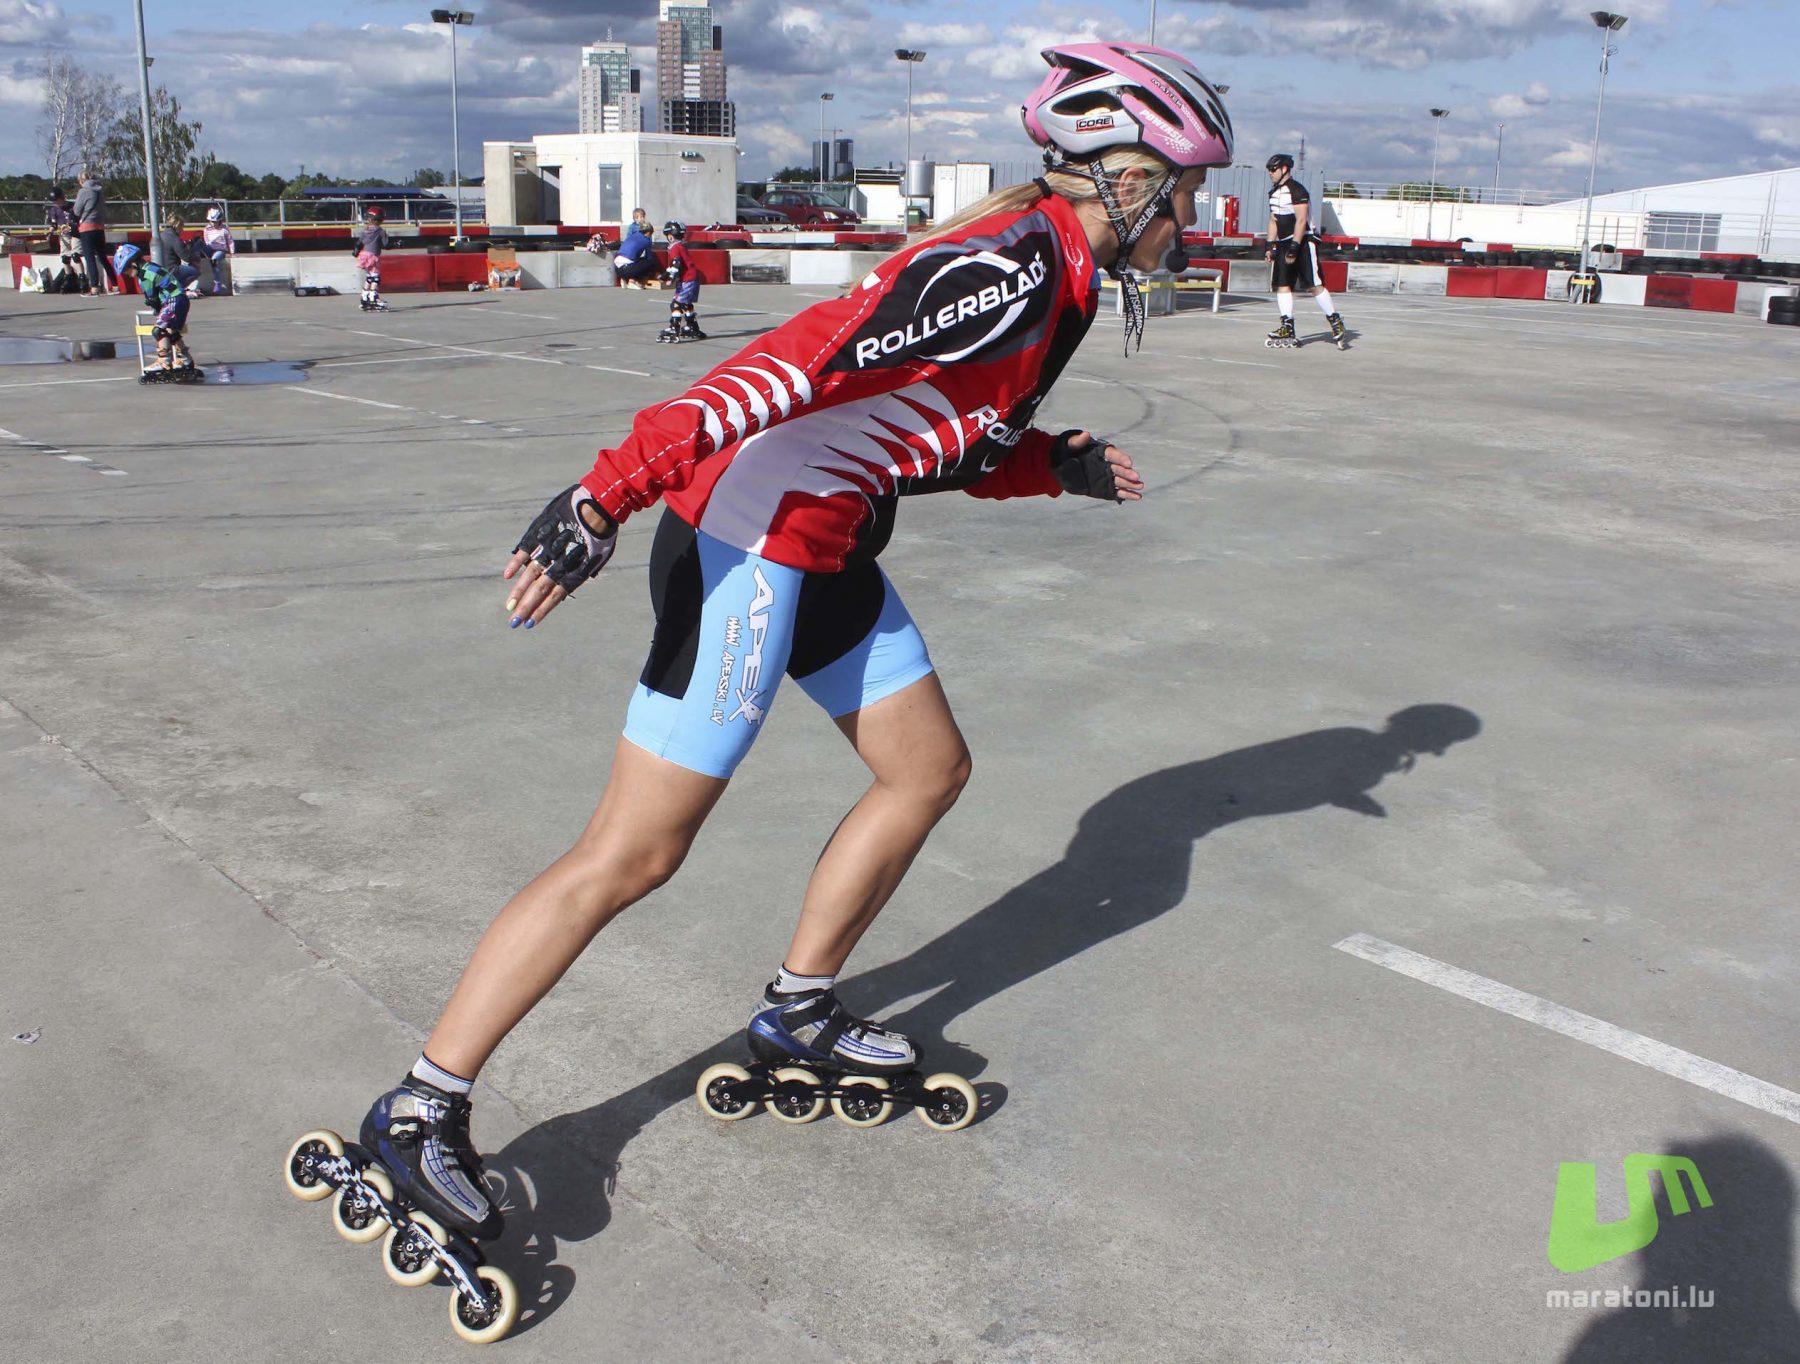 Mācāmies skrituļot: 6 padomi  skrituļslidošanas iesācējiem